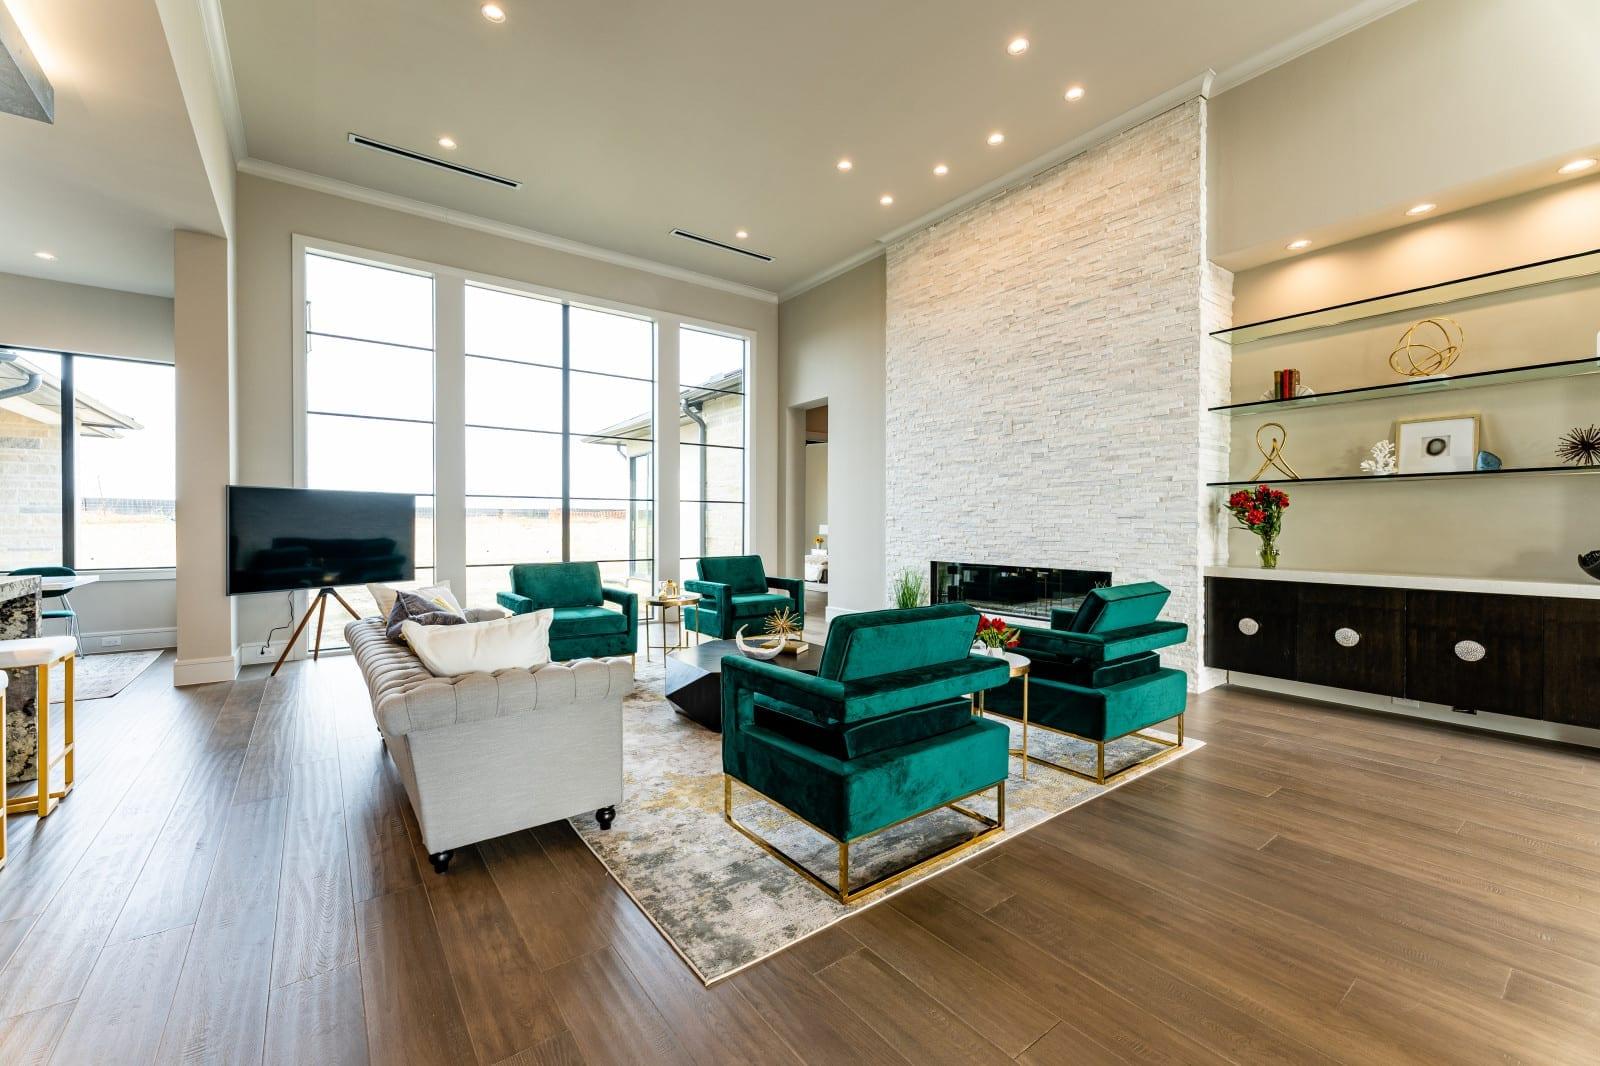 modern home design 10 - Millennial Design + Build